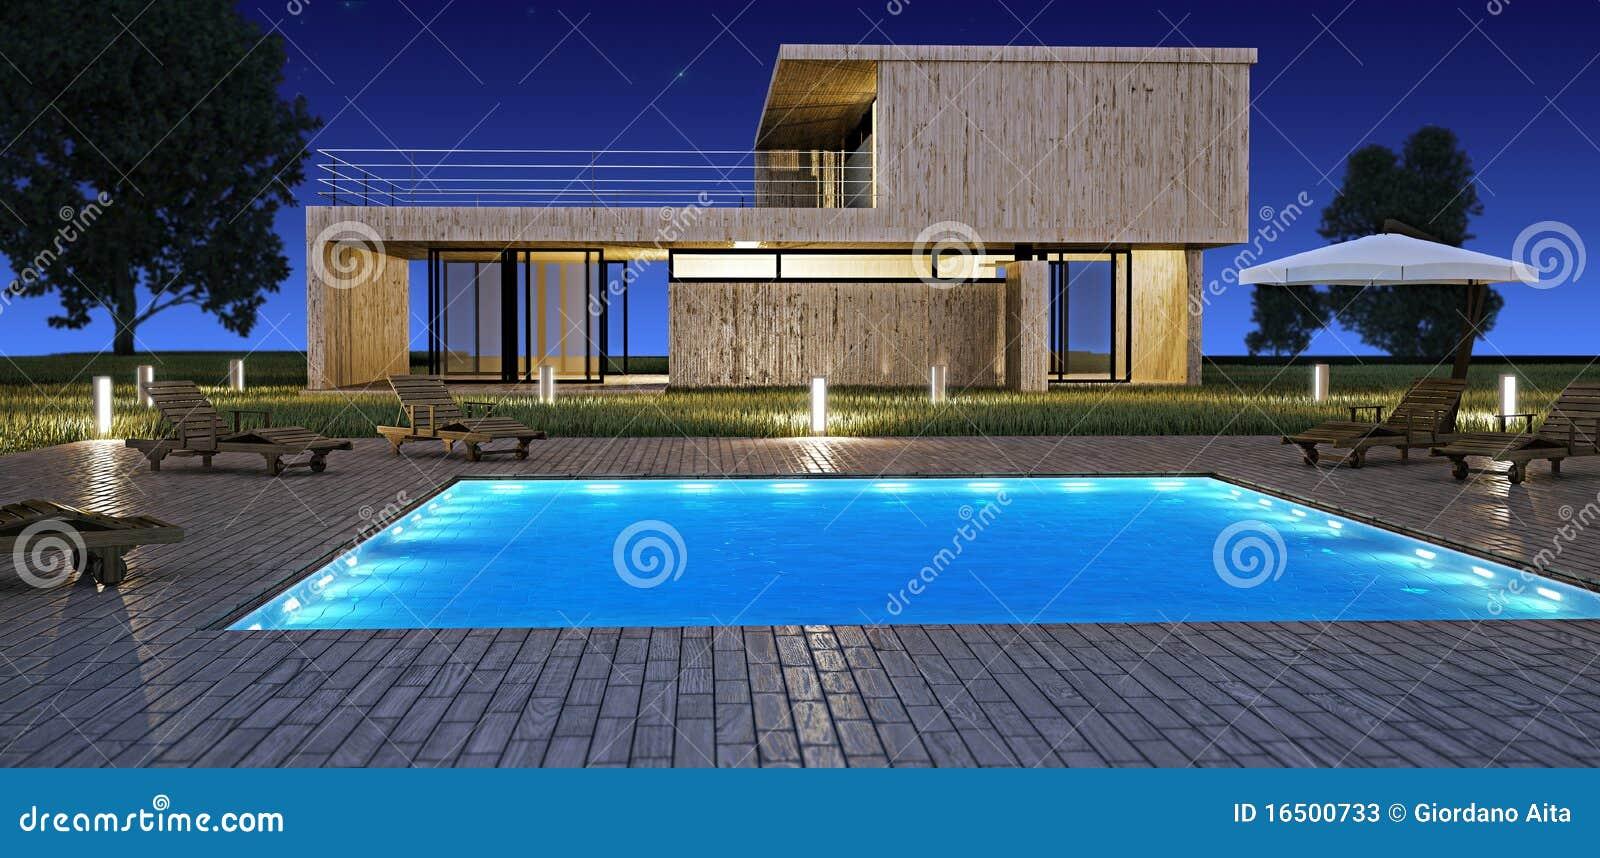 Modernes Haus Mit Swimmingpool Nachts Stockbild - Bild von garten ...